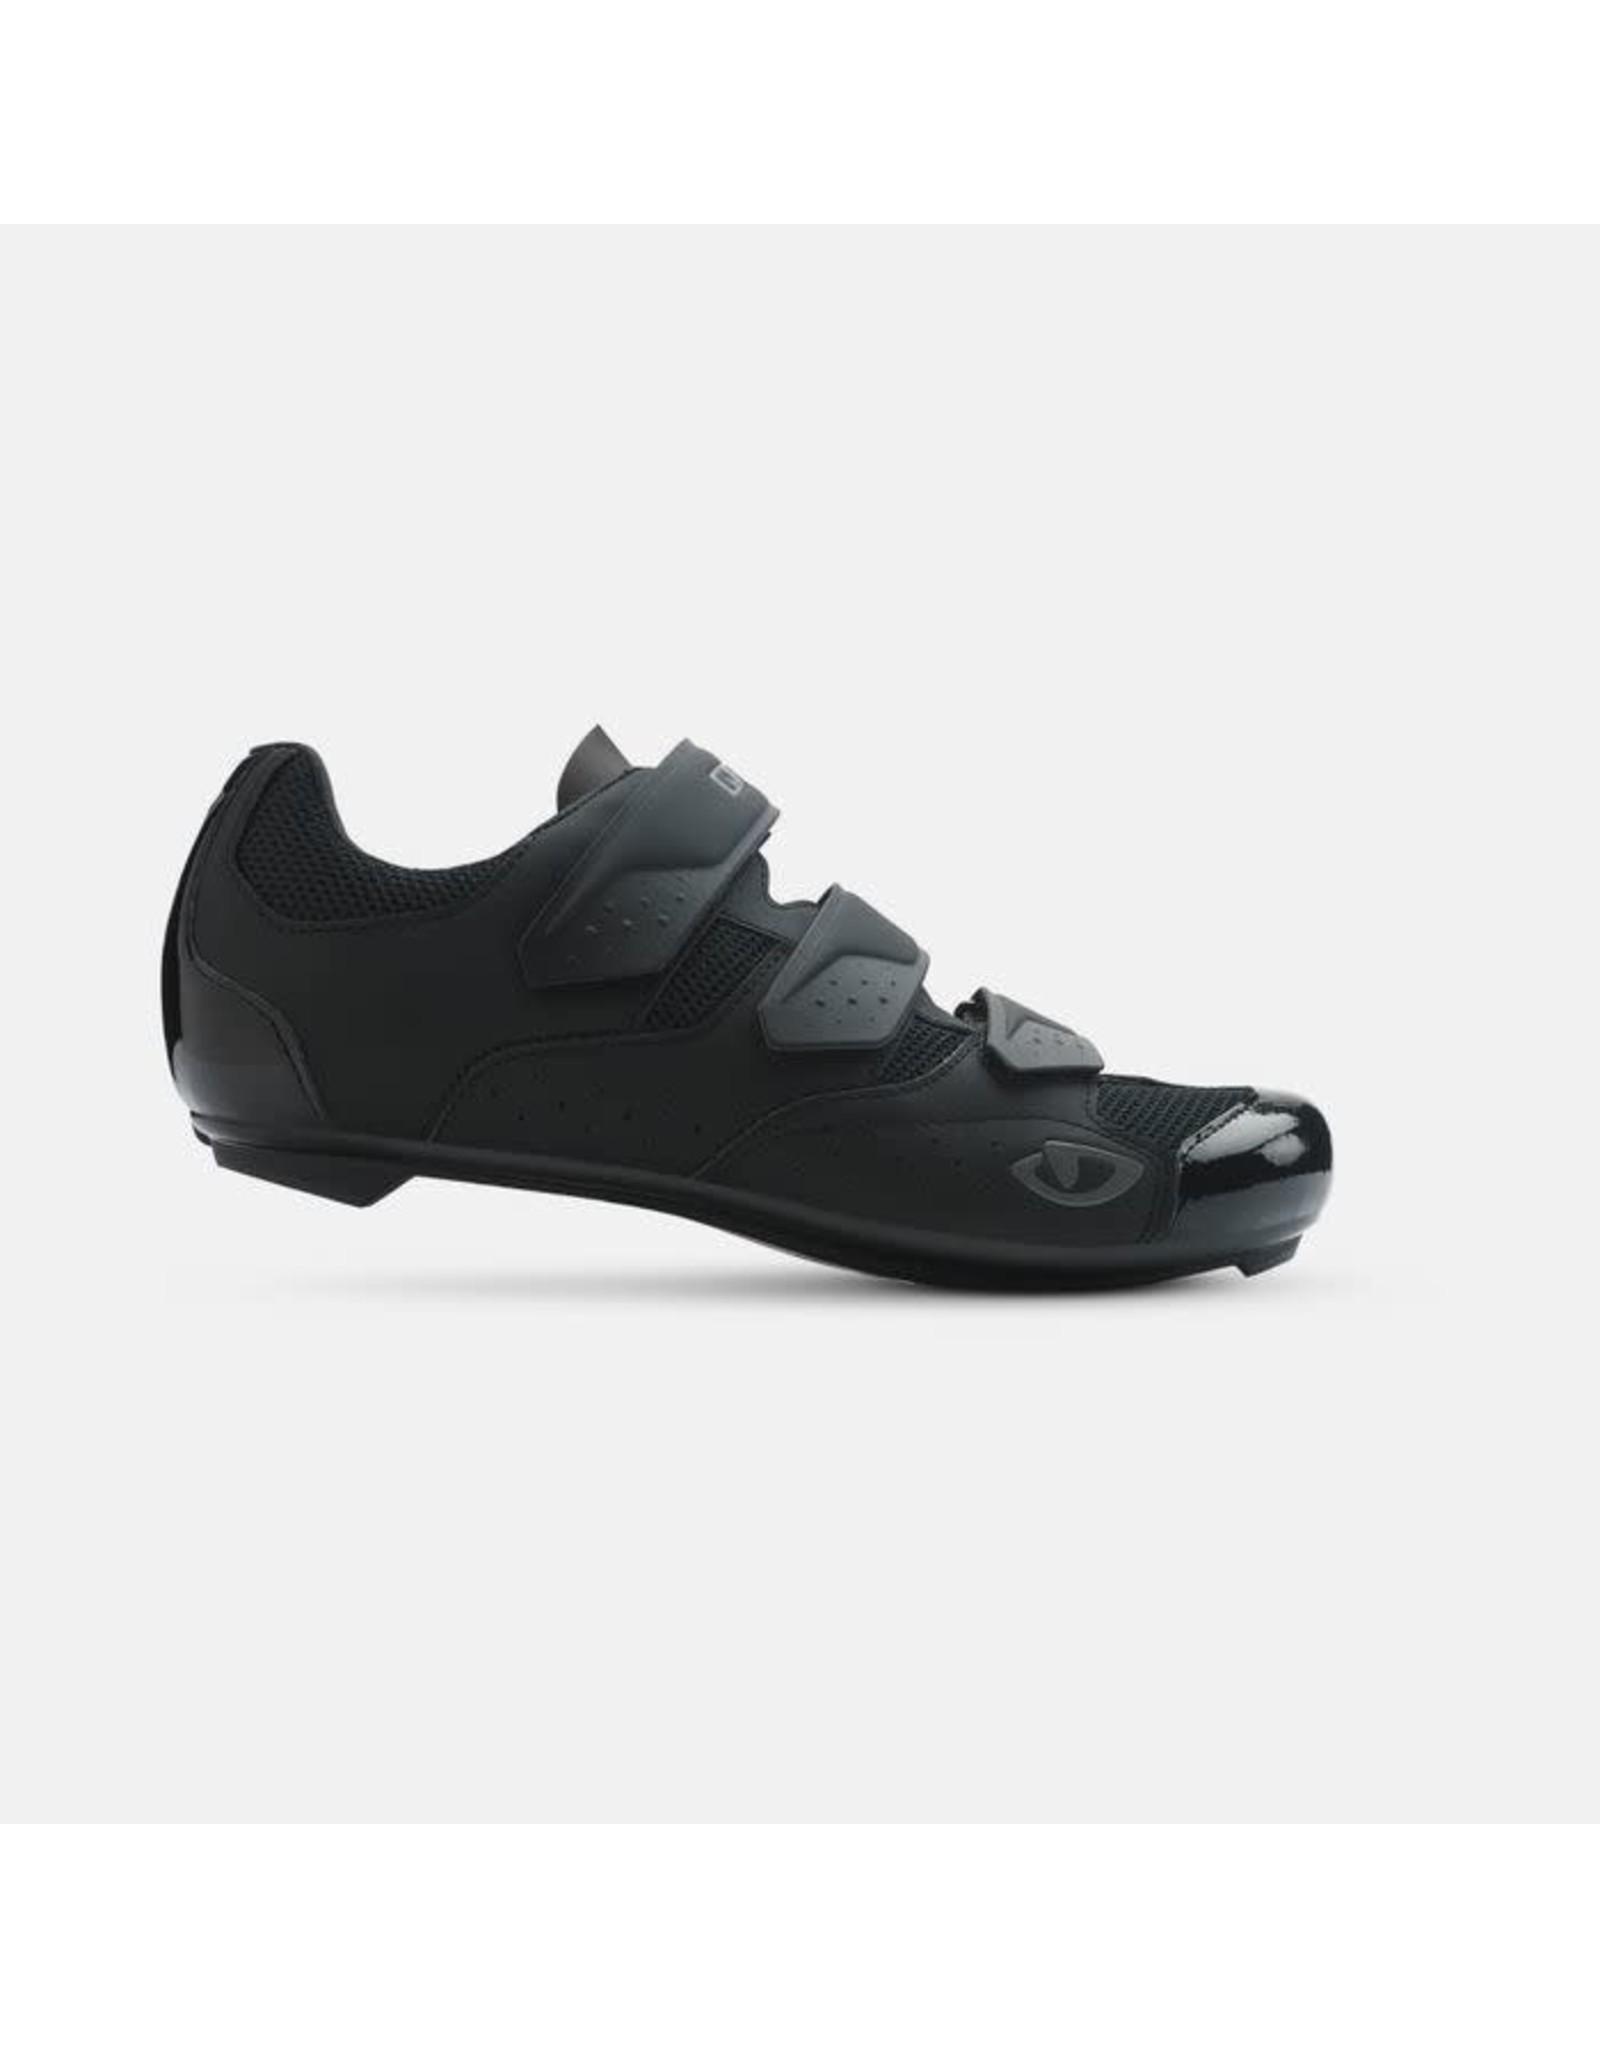 Giro Giro Techne Road Shoe